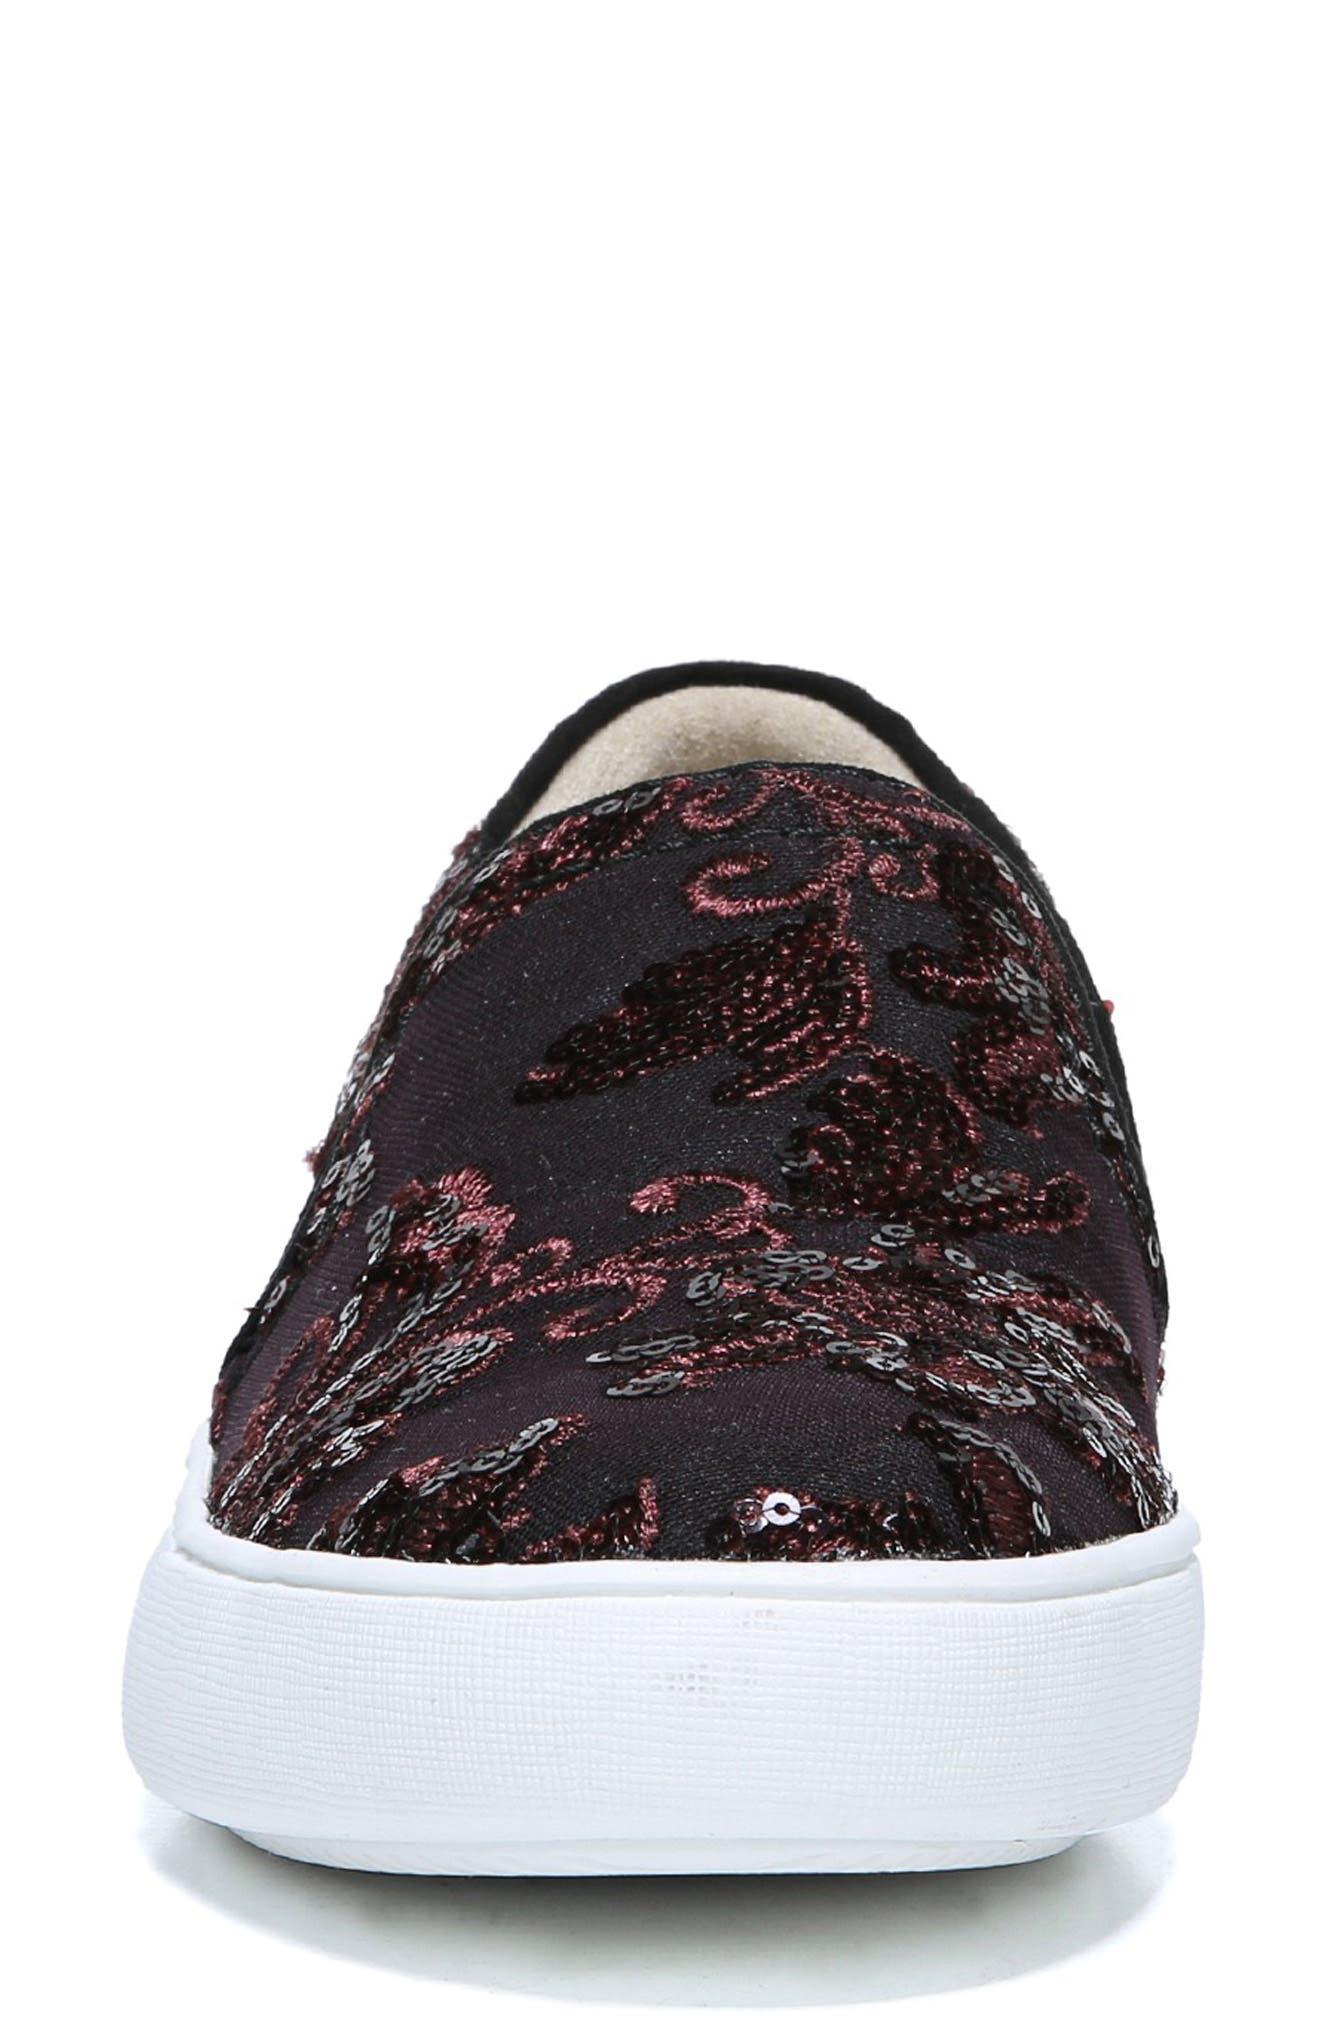 Marianne Slip-On Sneaker,                             Alternate thumbnail 4, color,                             BURGUNDY EMBROIDERED